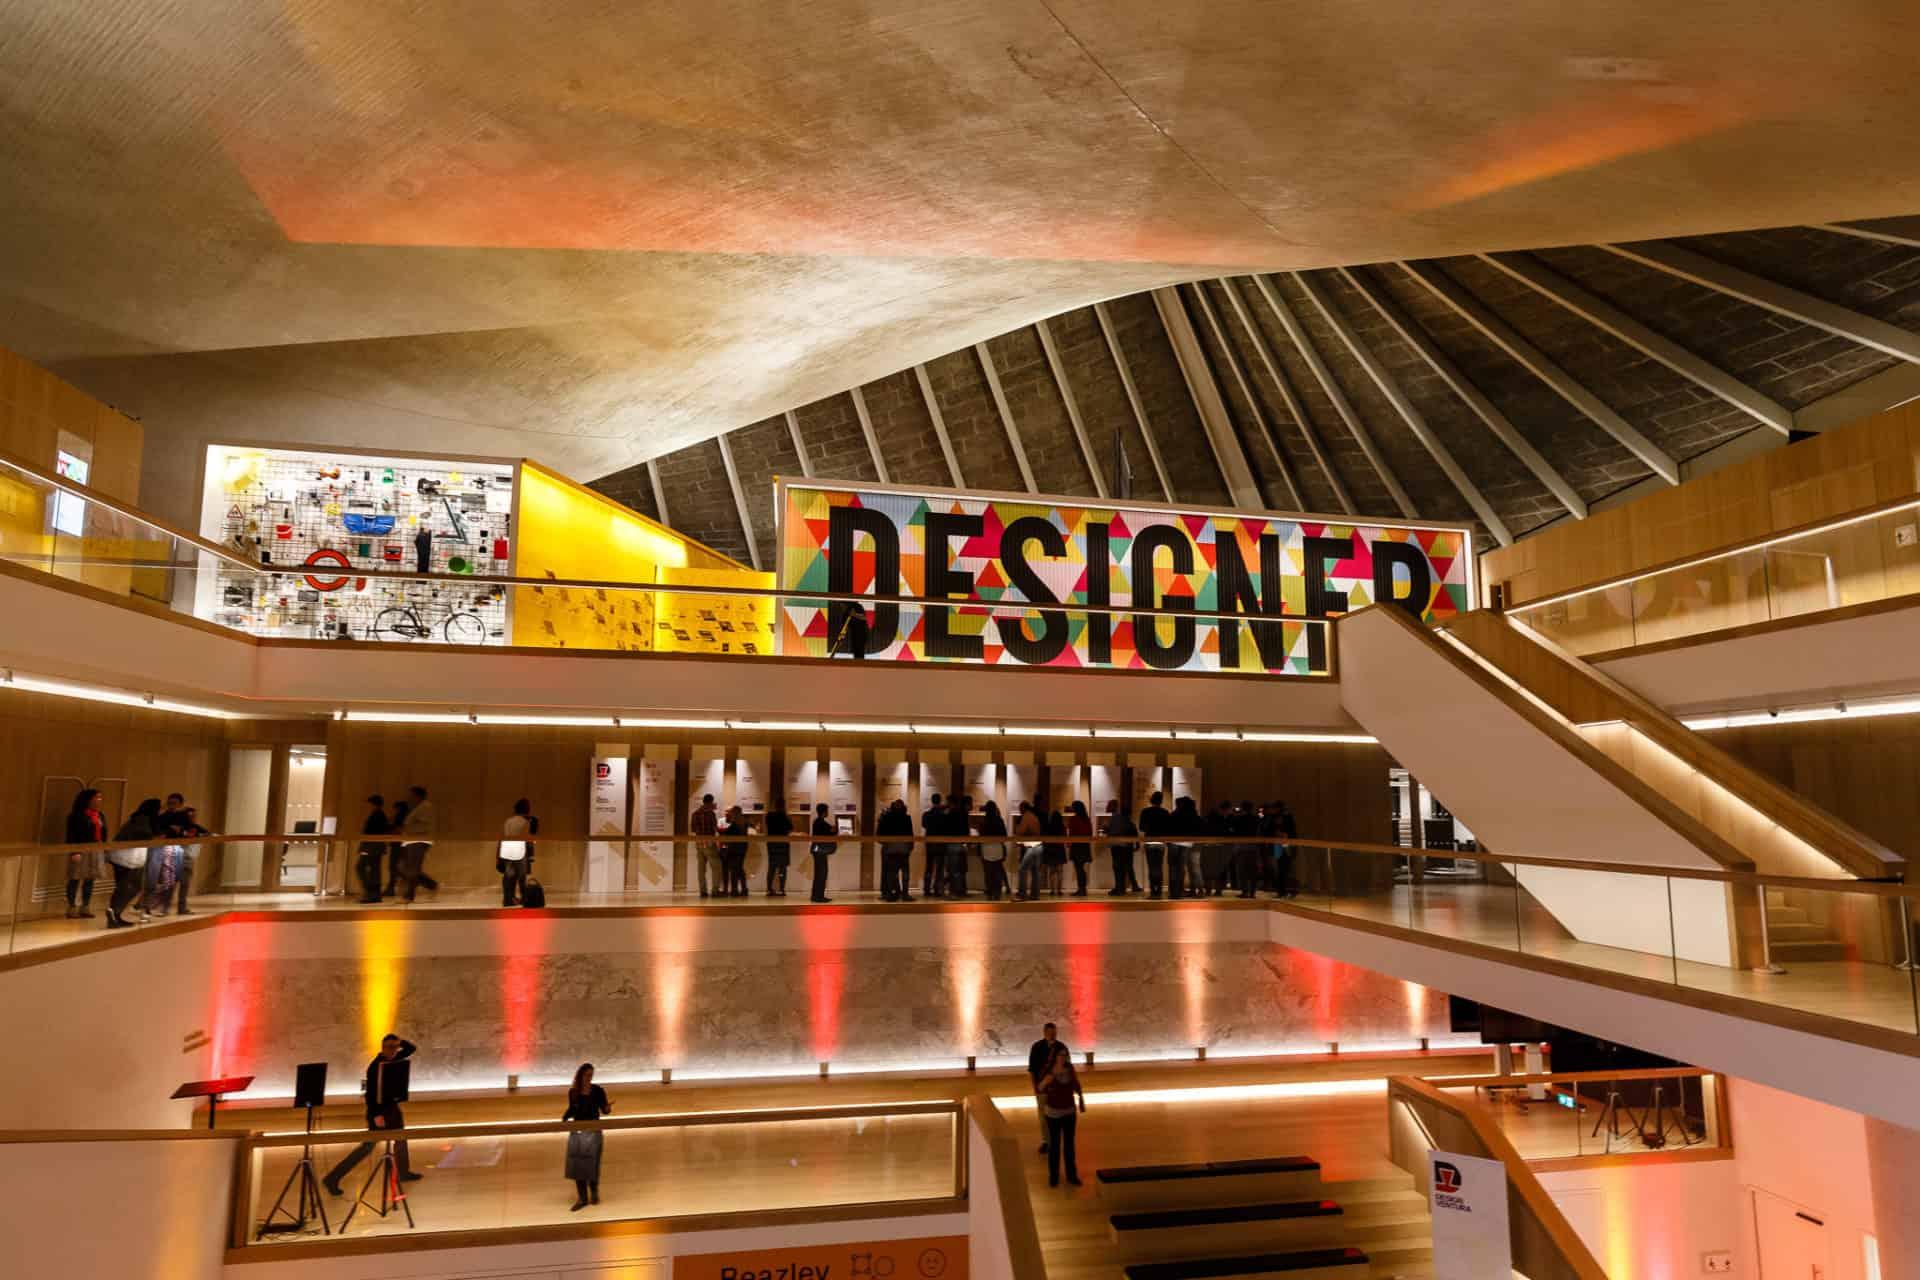 متحف التصميم ، أحد أفضل المتاحف في لندن